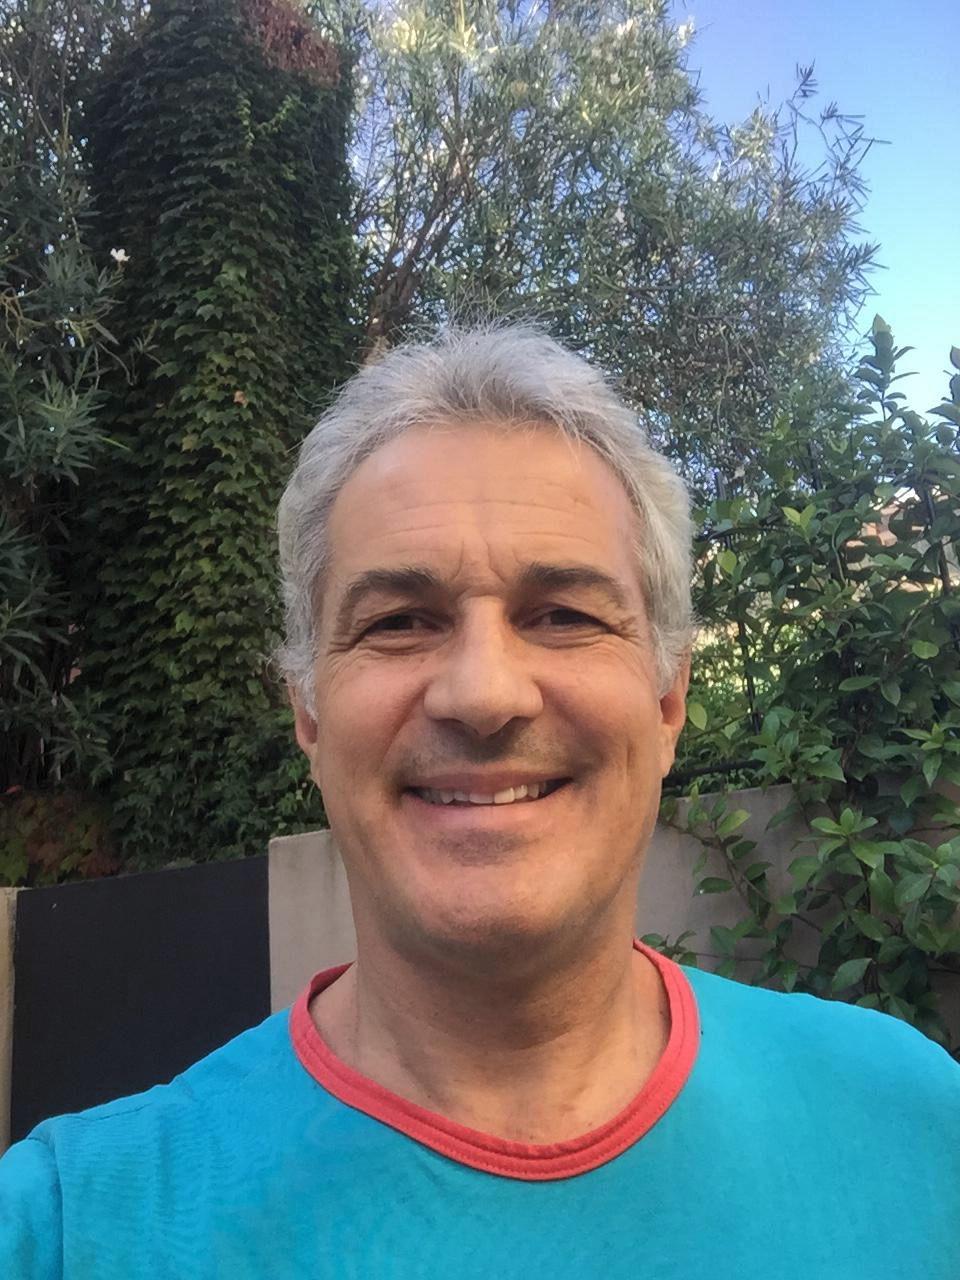 Ivo Cutzarida se suma a la campaña de concientización #QuedateEnCasa